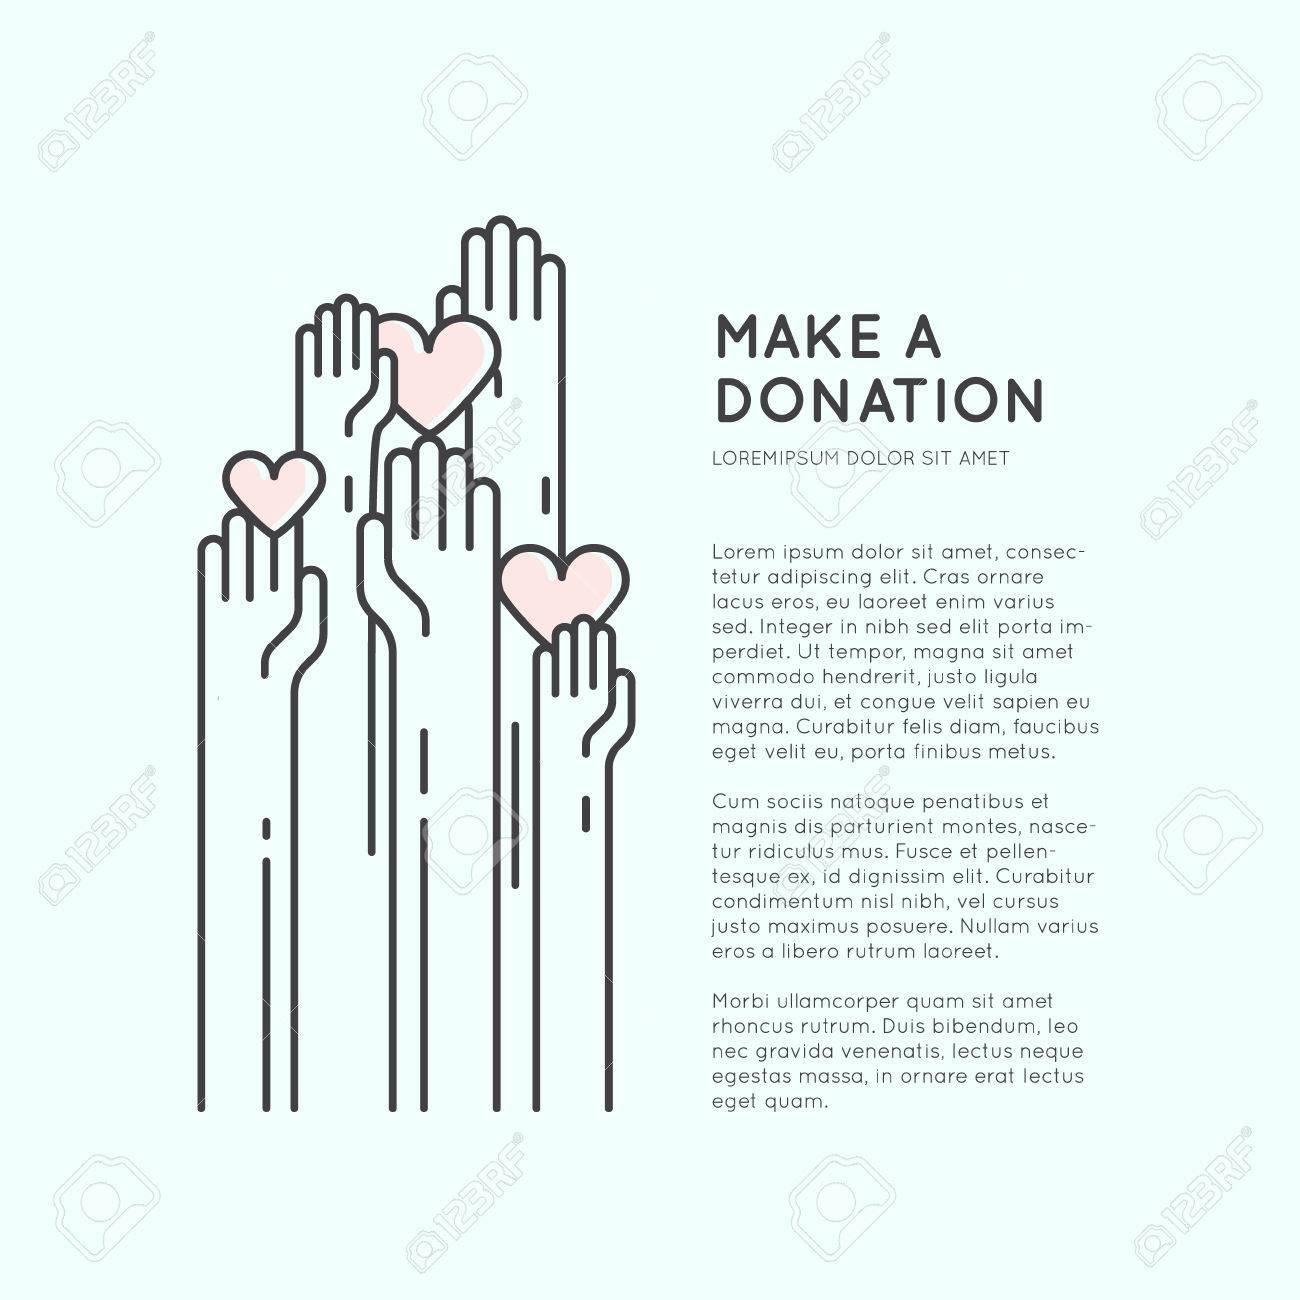 Großzügig Charity Vorschlag Ideen - Bilder für das Lebenslauf ...